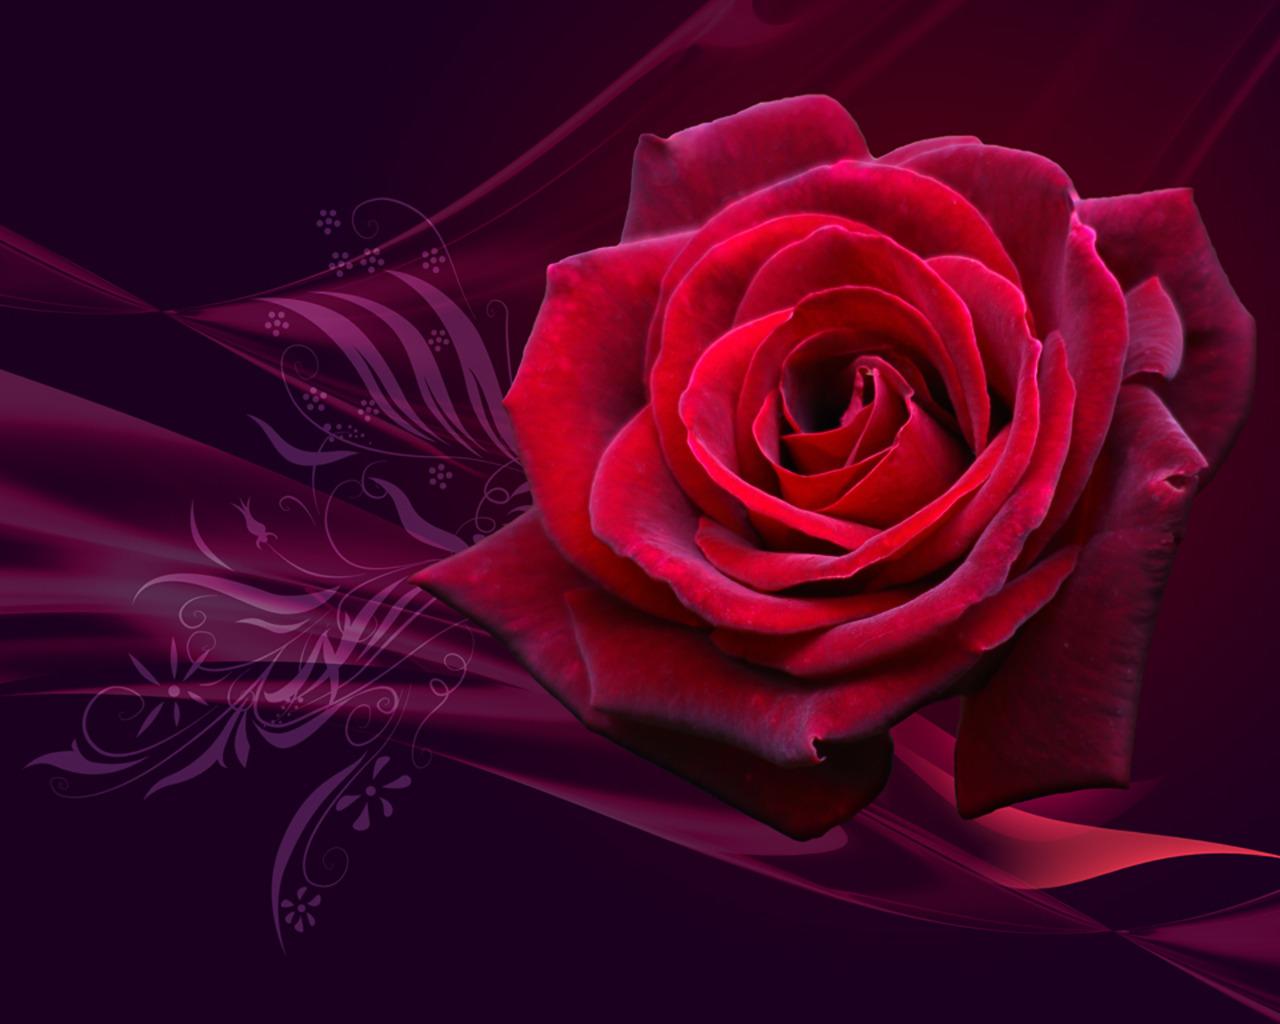 http://4.bp.blogspot.com/-lJbqeZXPOSE/TvhfKtpYgrI/AAAAAAAAA3g/tZNAs4M4QqI/s1600/2011-red-rose-valentine-day-wallpaper.jpg